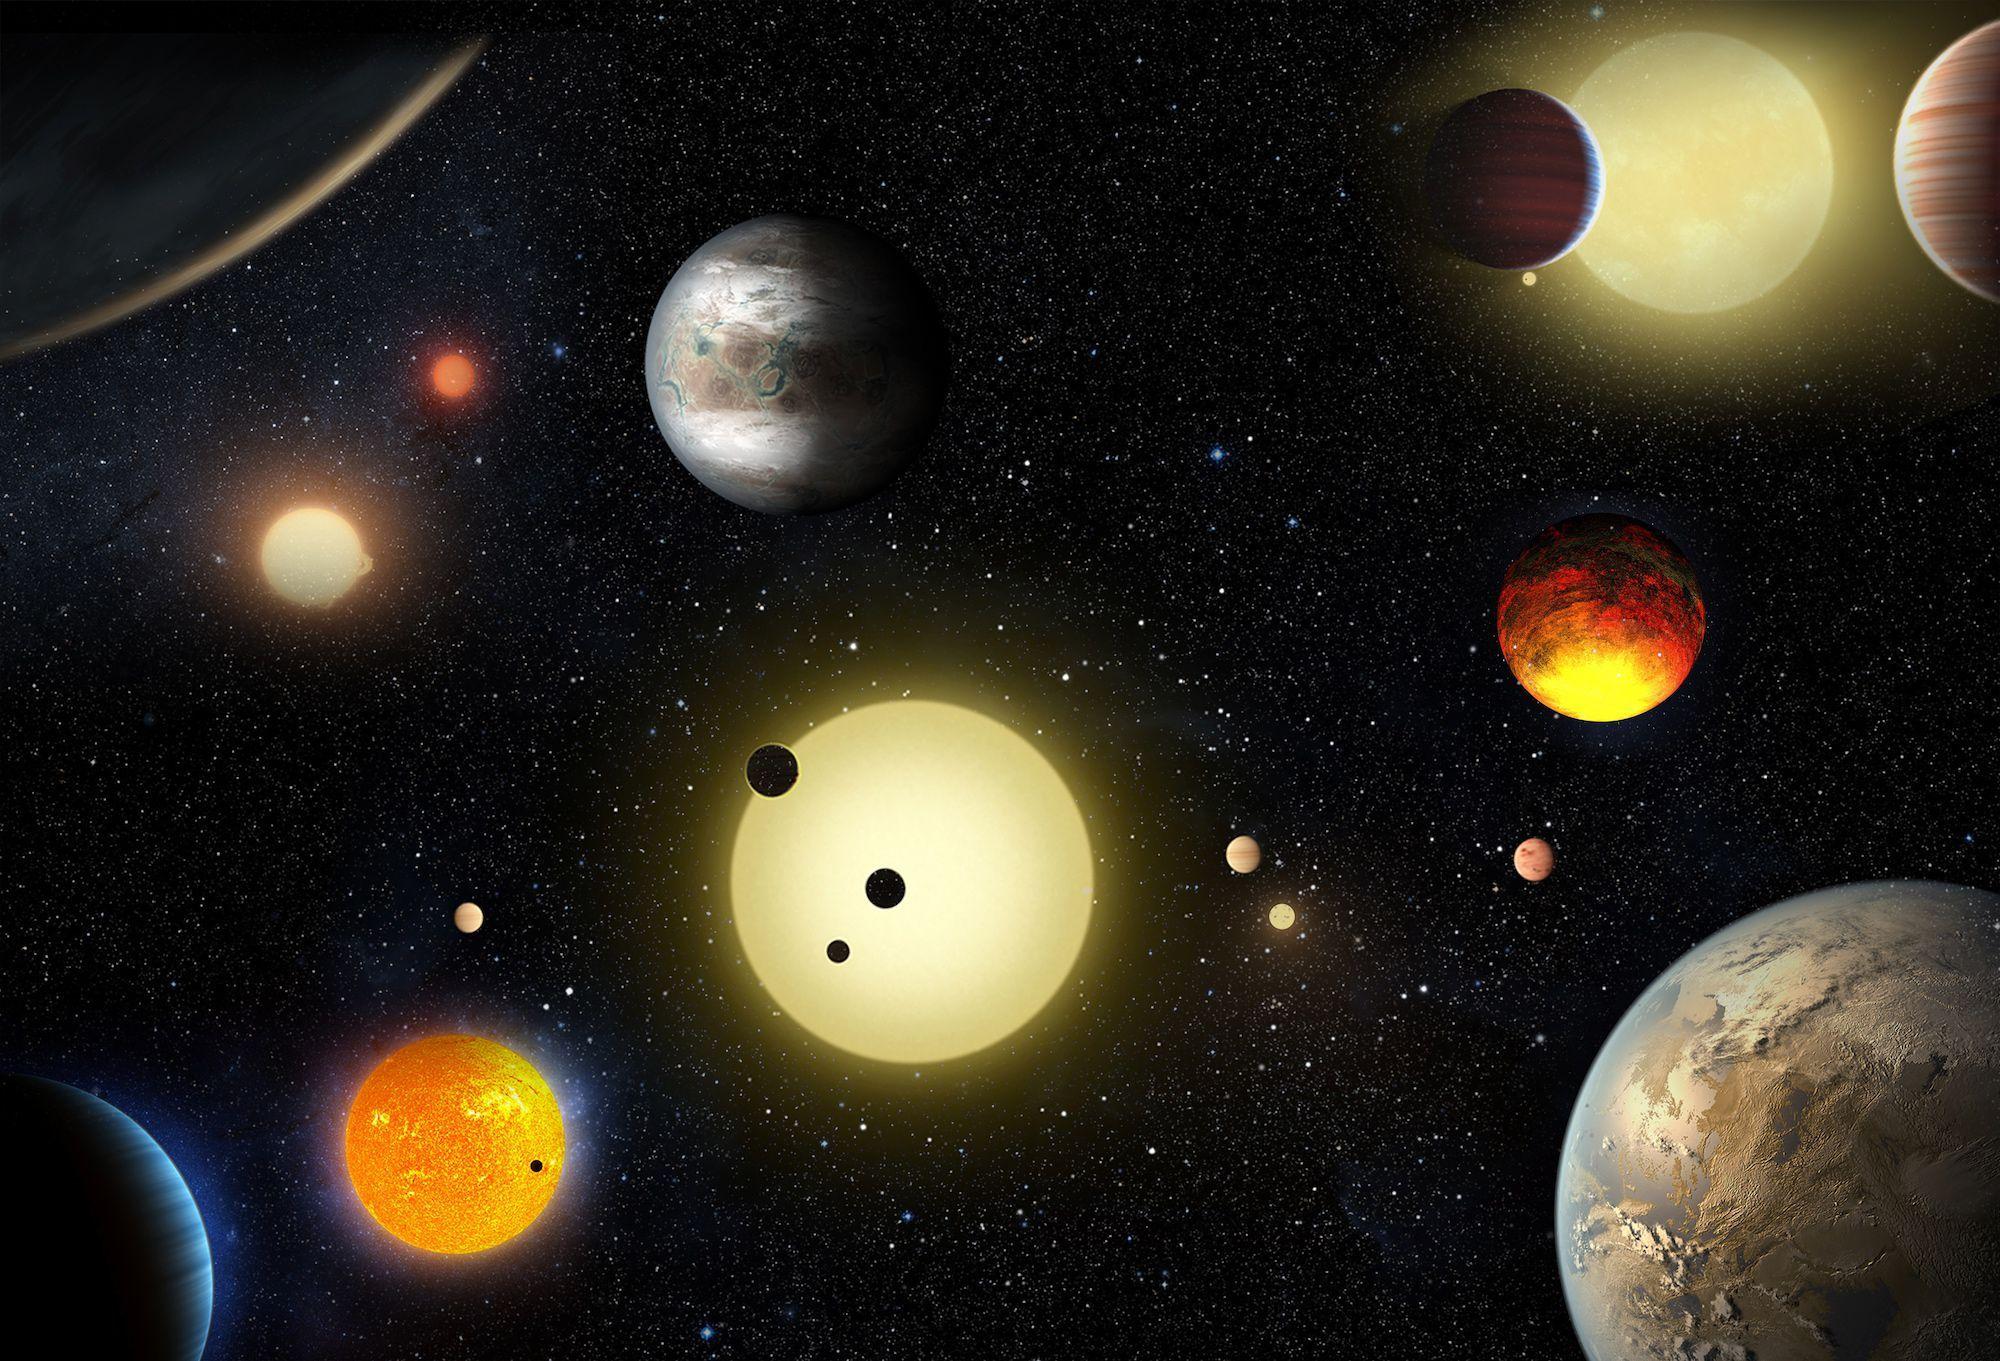 1 000 ans pour trouver une autre planète pour sauver l'humanité : Stephen Hawking en pleine crise de lucidité ou de dépression à la Malthus ?